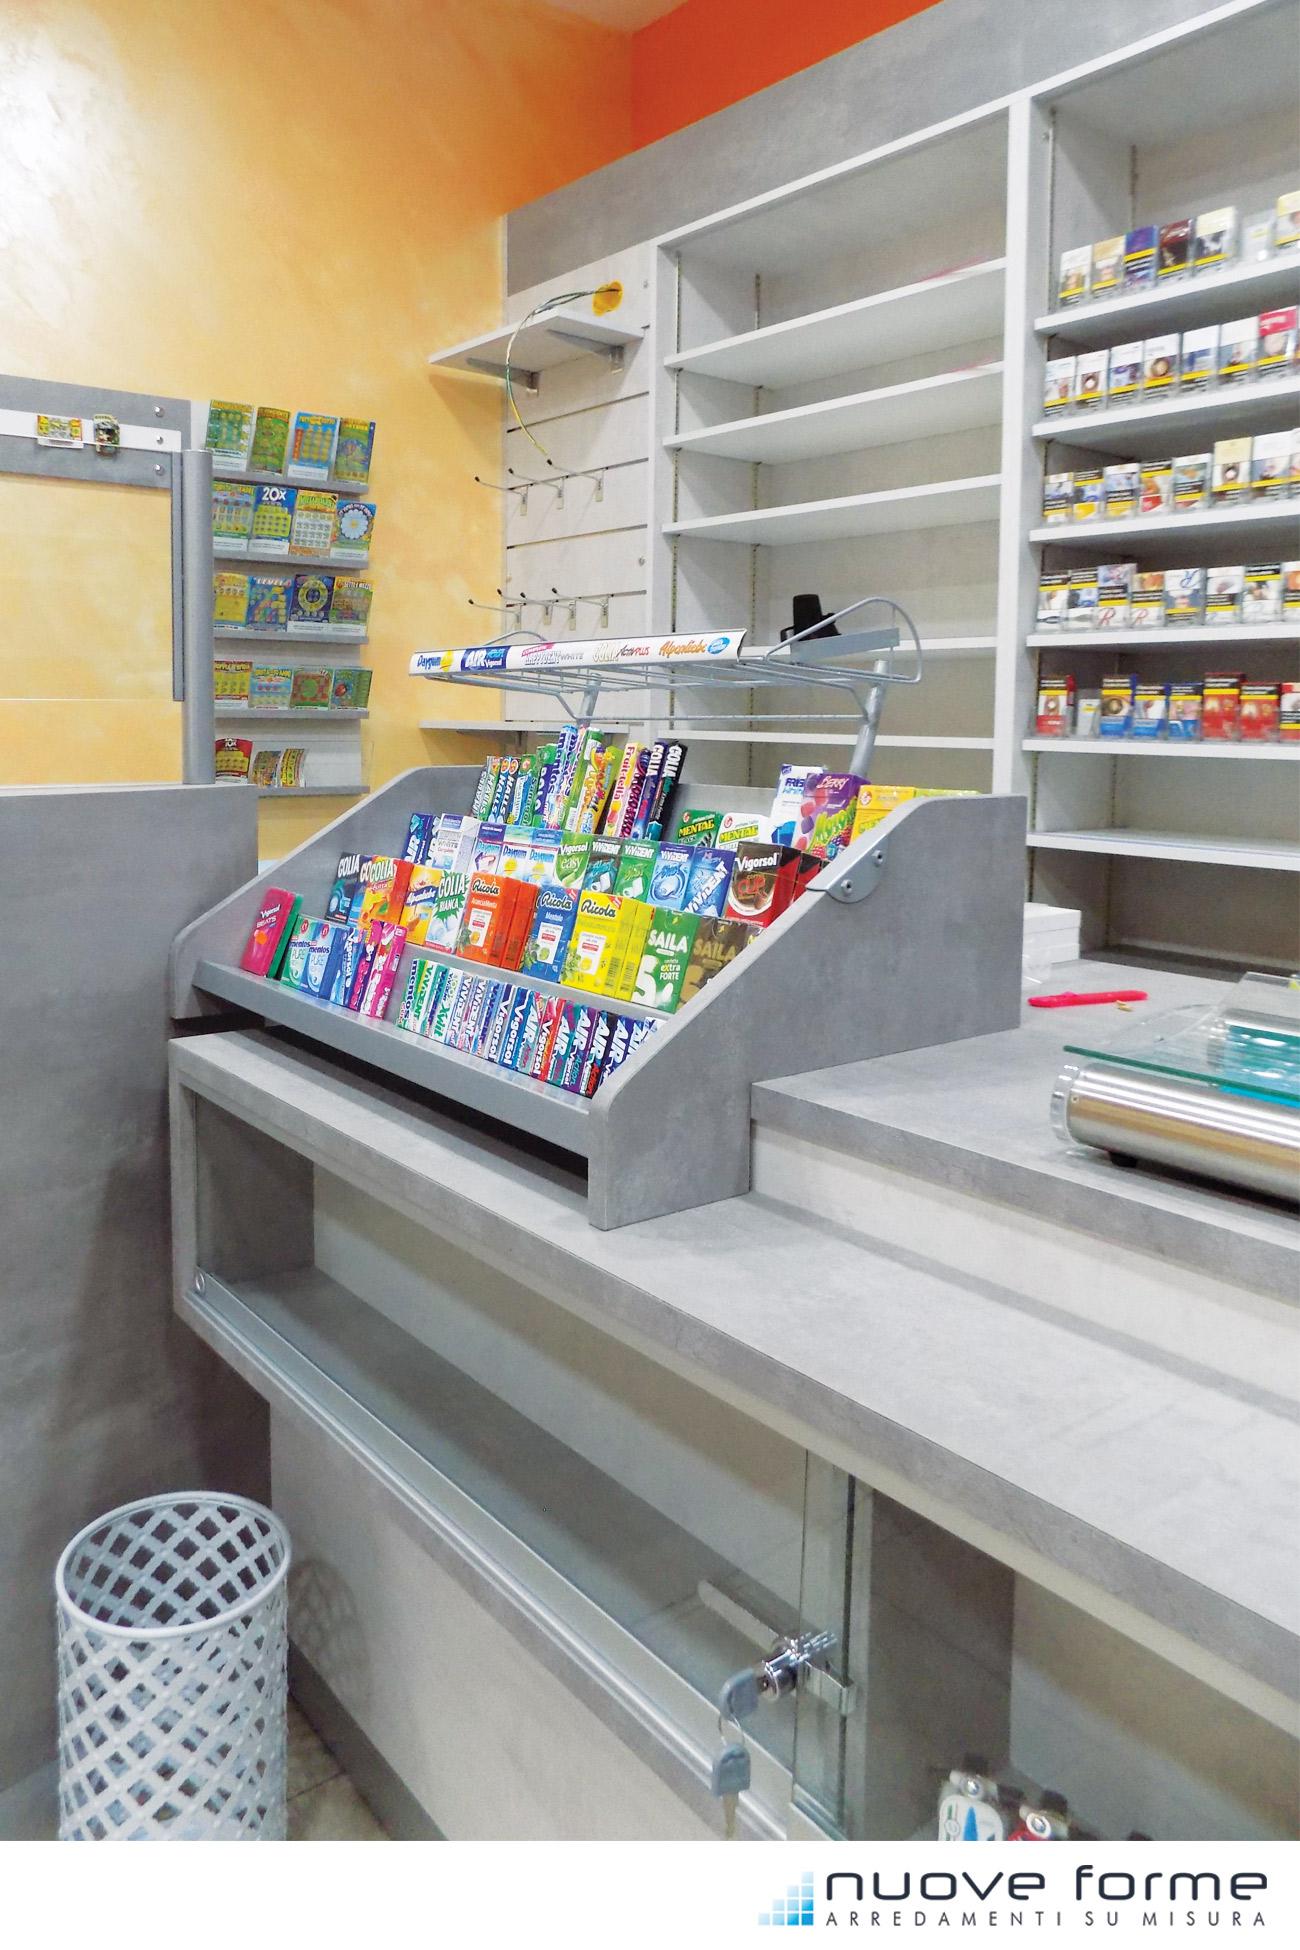 Nuove forme snc arredo bar tabacchi farmacie su misura for Ap arredamenti